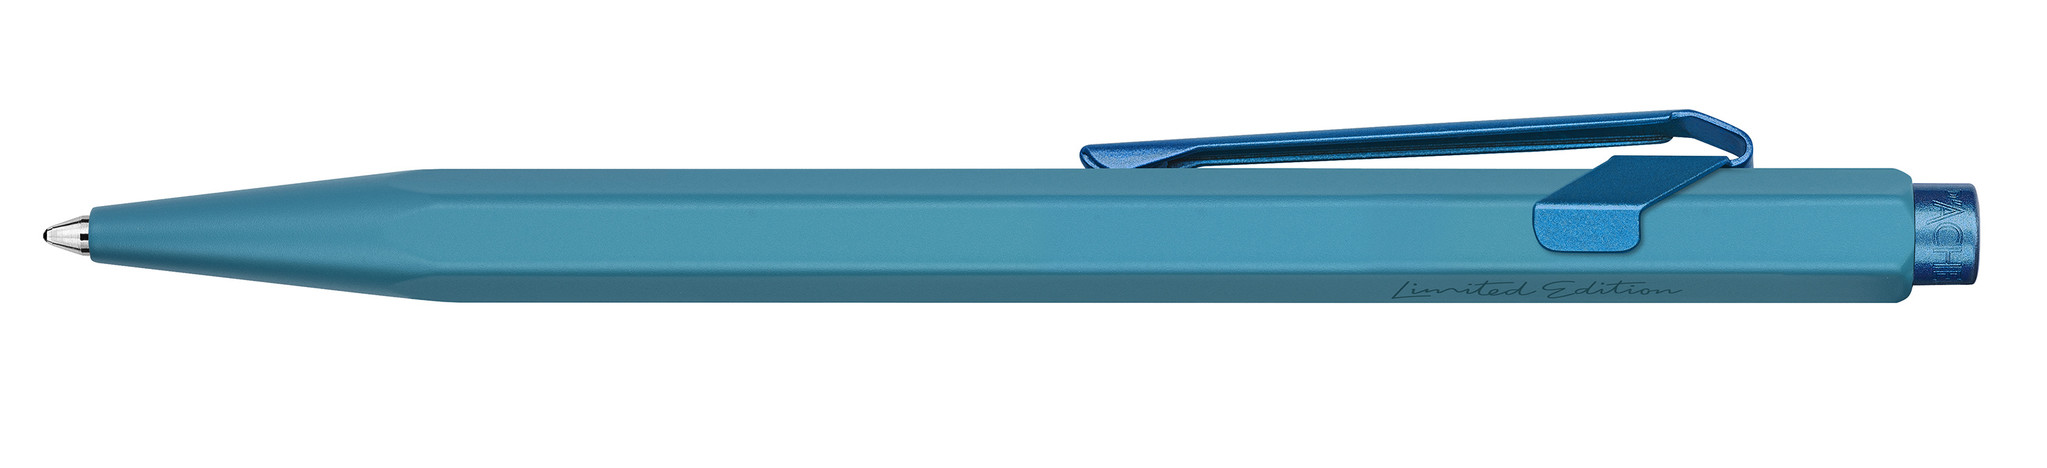 Caran d'Ache 849 Claim your style 2021 glacier blue